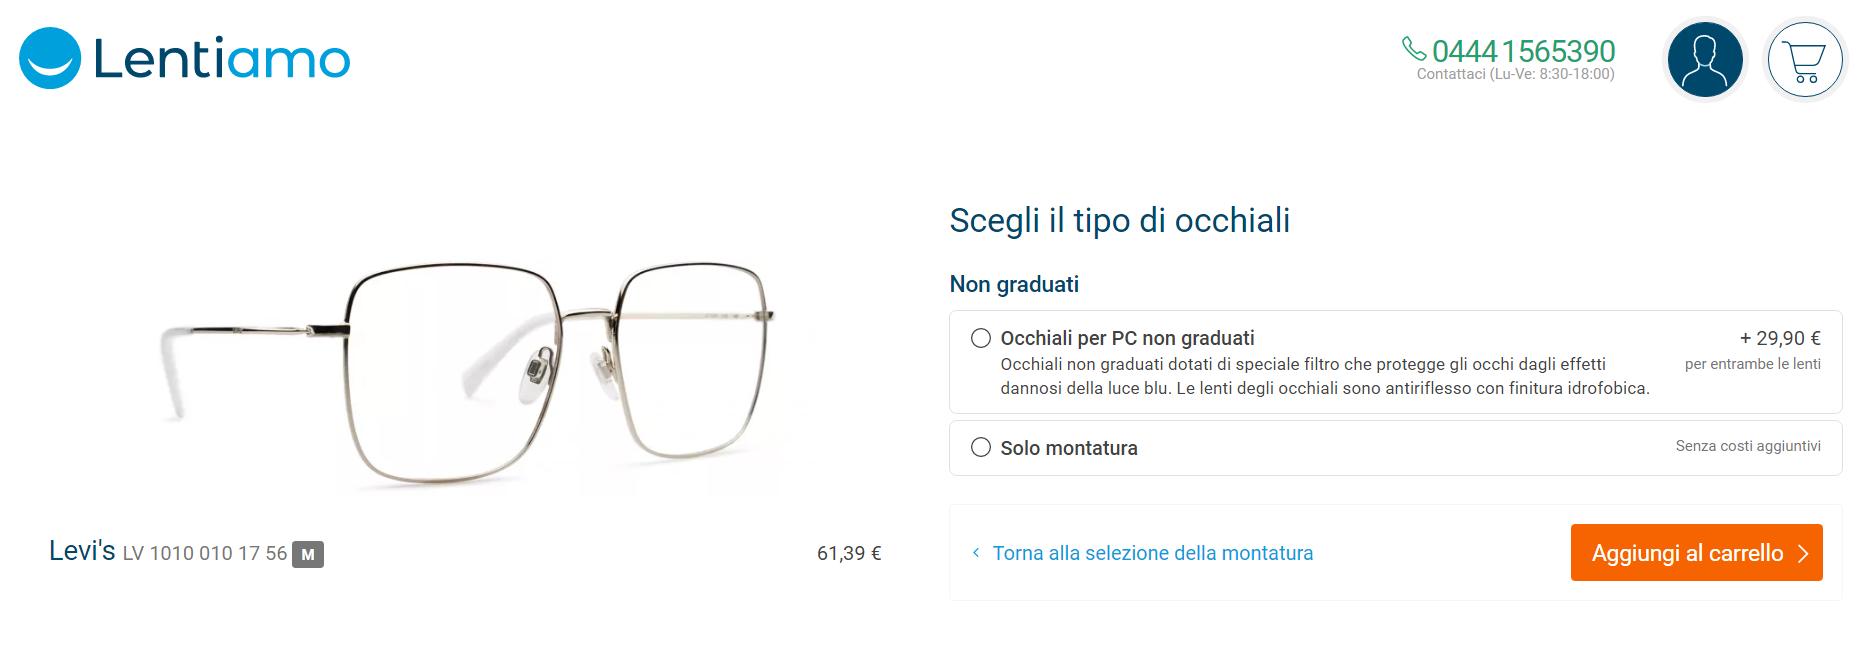 come acquistare occhiali online su Lentiamo